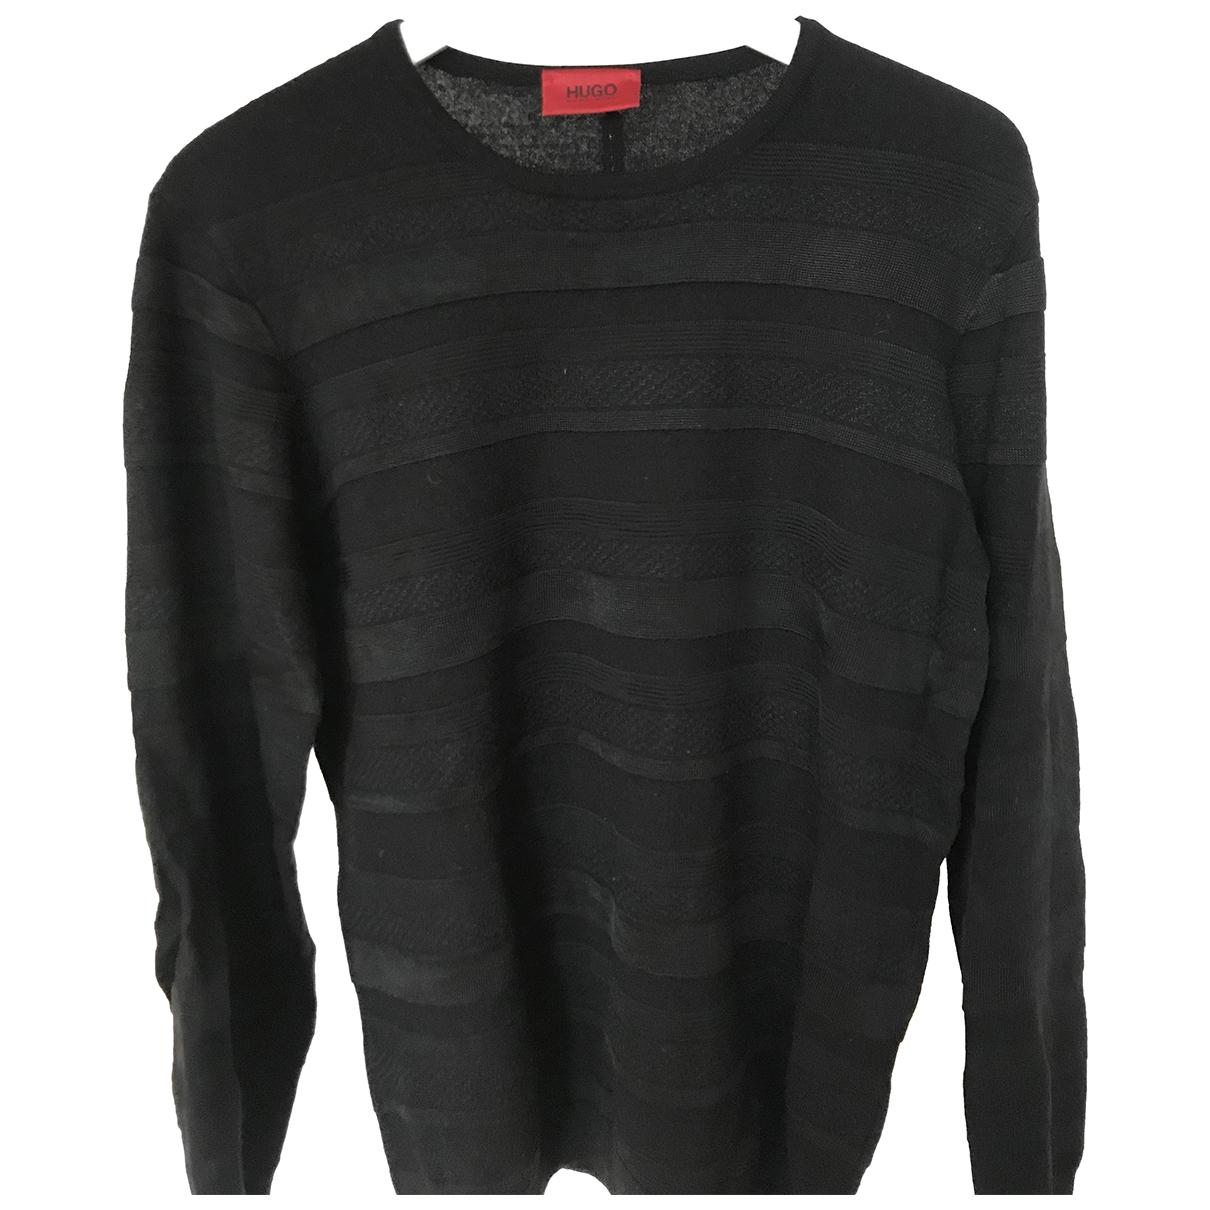 Hugo Boss \N Black Wool Knitwear & Sweatshirts for Men XL International